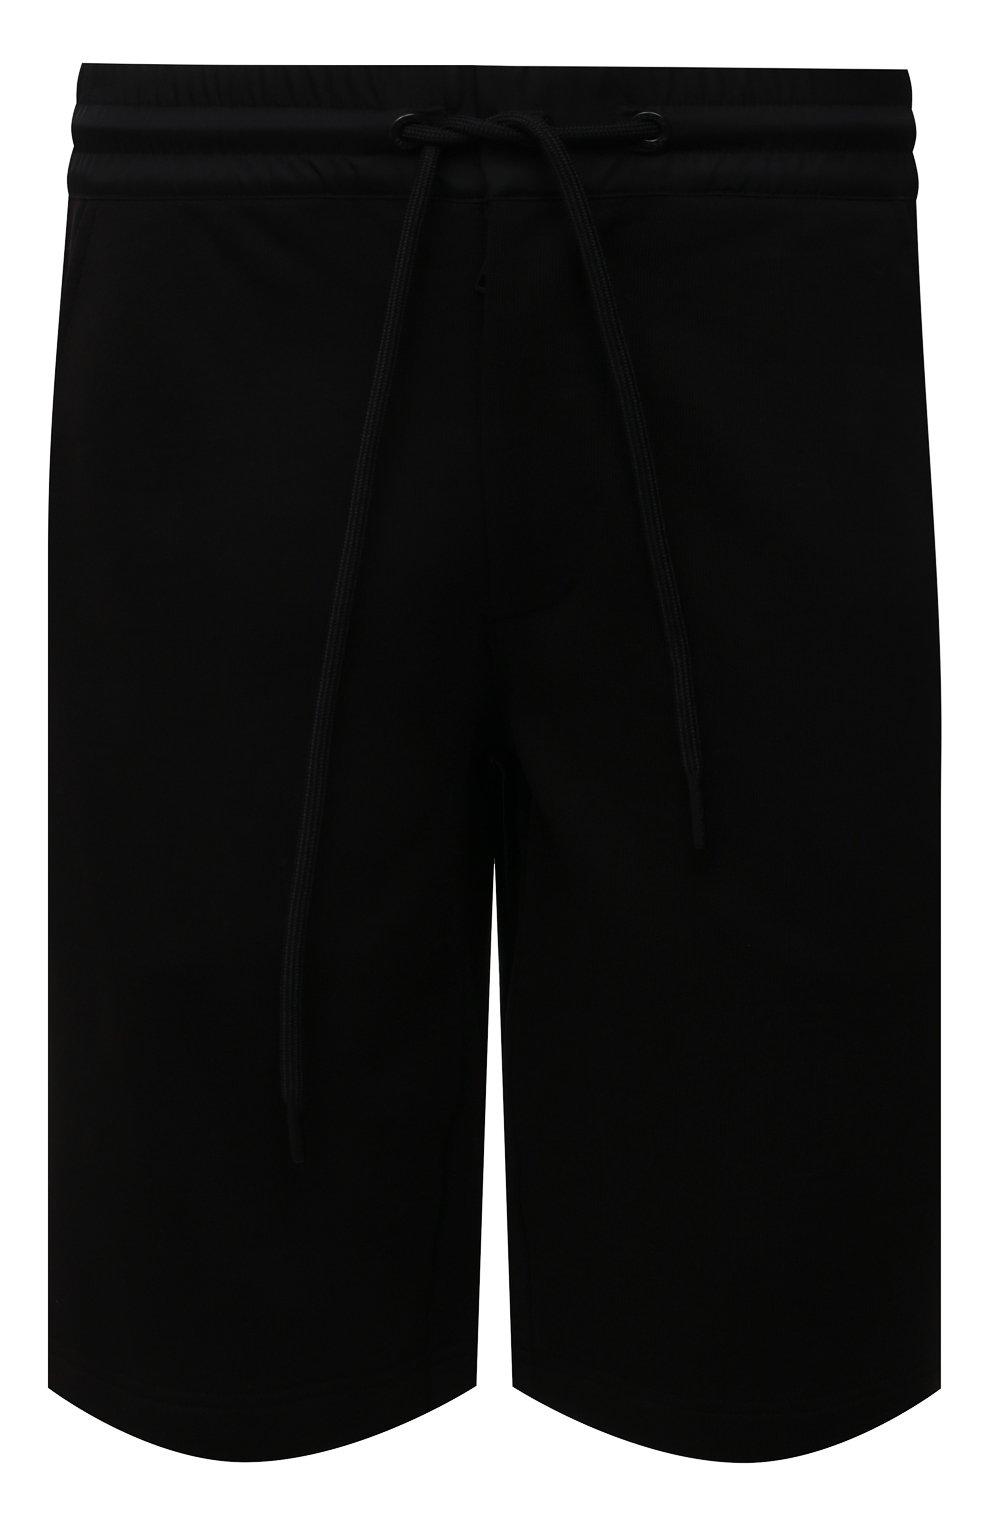 Мужские хлопковые шорты MONCLER черного цвета, арт. G2-091-8H000-12-809KR | Фото 1 (Длина Шорты М: До колена; Принт: Без принта; Кросс-КТ: Трикотаж; Материал внешний: Хлопок; Стили: Спорт-шик)